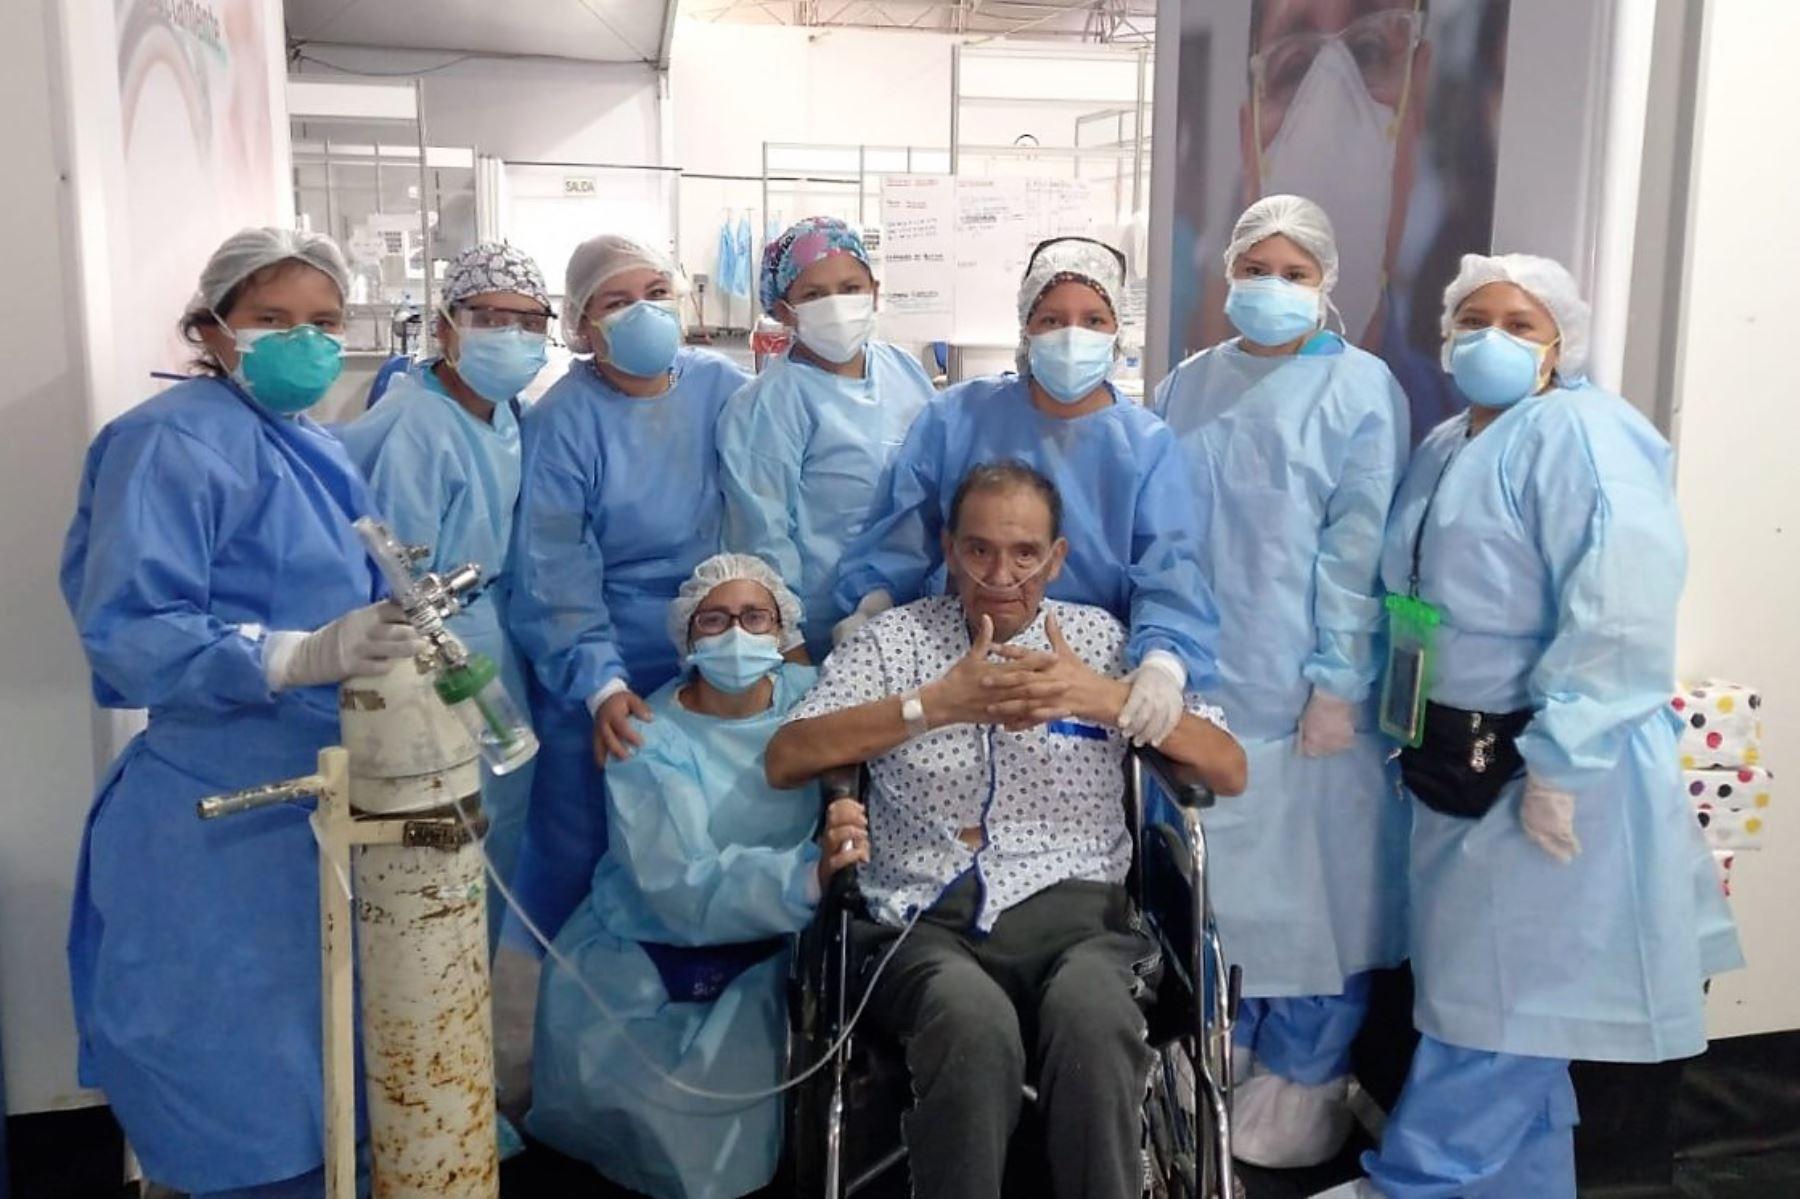 Benito Chachapoyas Villón derrotó al covid-19 con ayuda del personal de hospital Eleazar Guzmán Barrón de Chimbote. Foto: ANDINA/Difusión